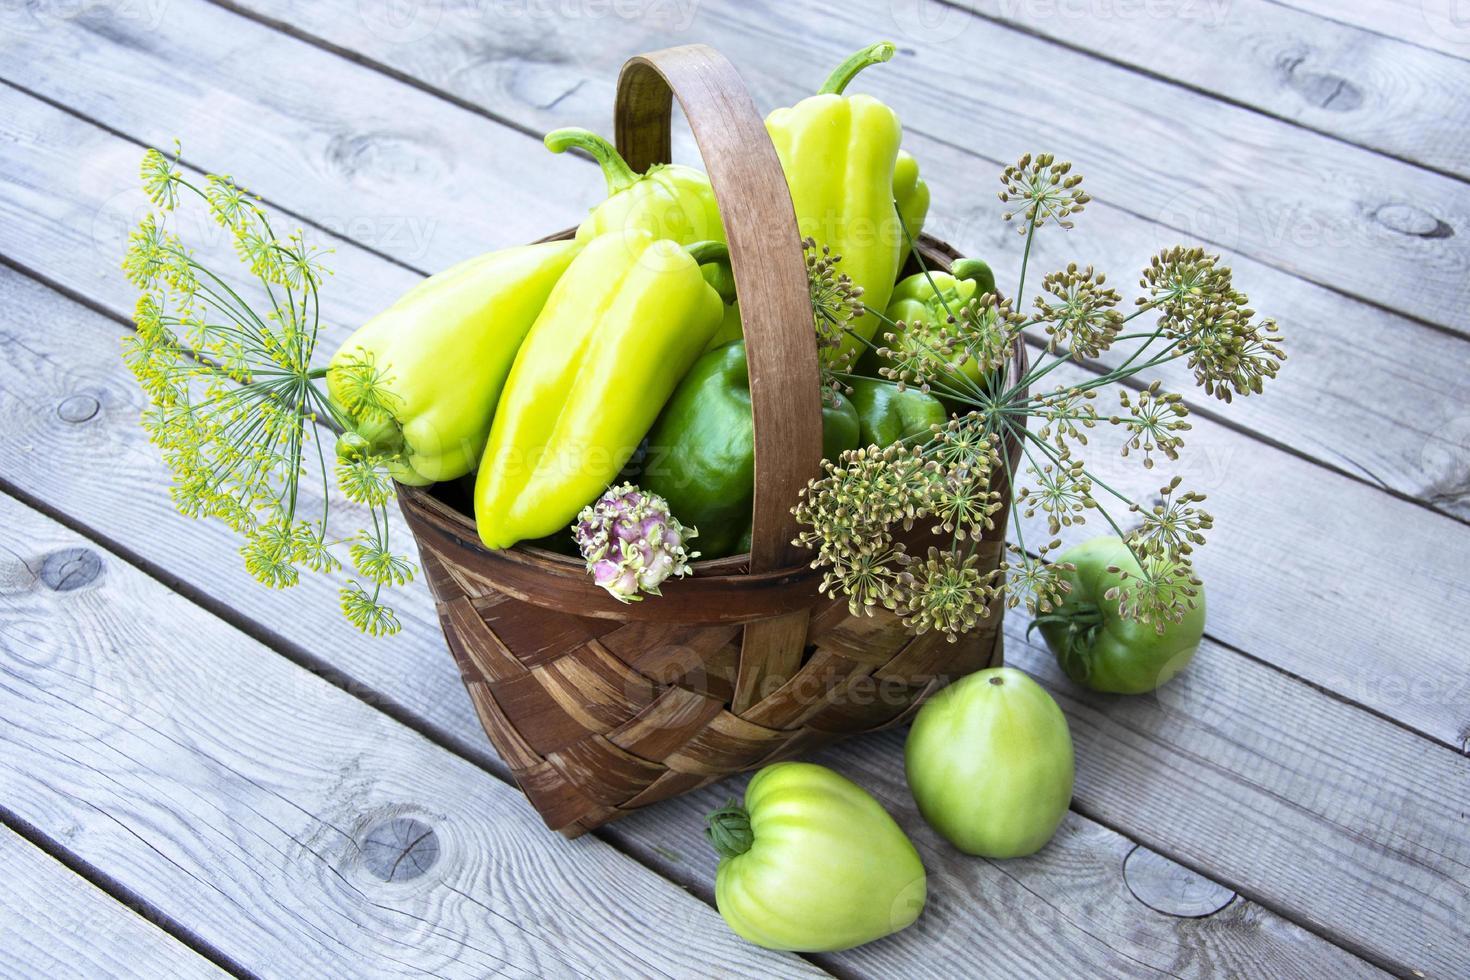 groenten in de mand. een rieten mand met paprika, tomaten en dille staat op een houten ondergrond. foto